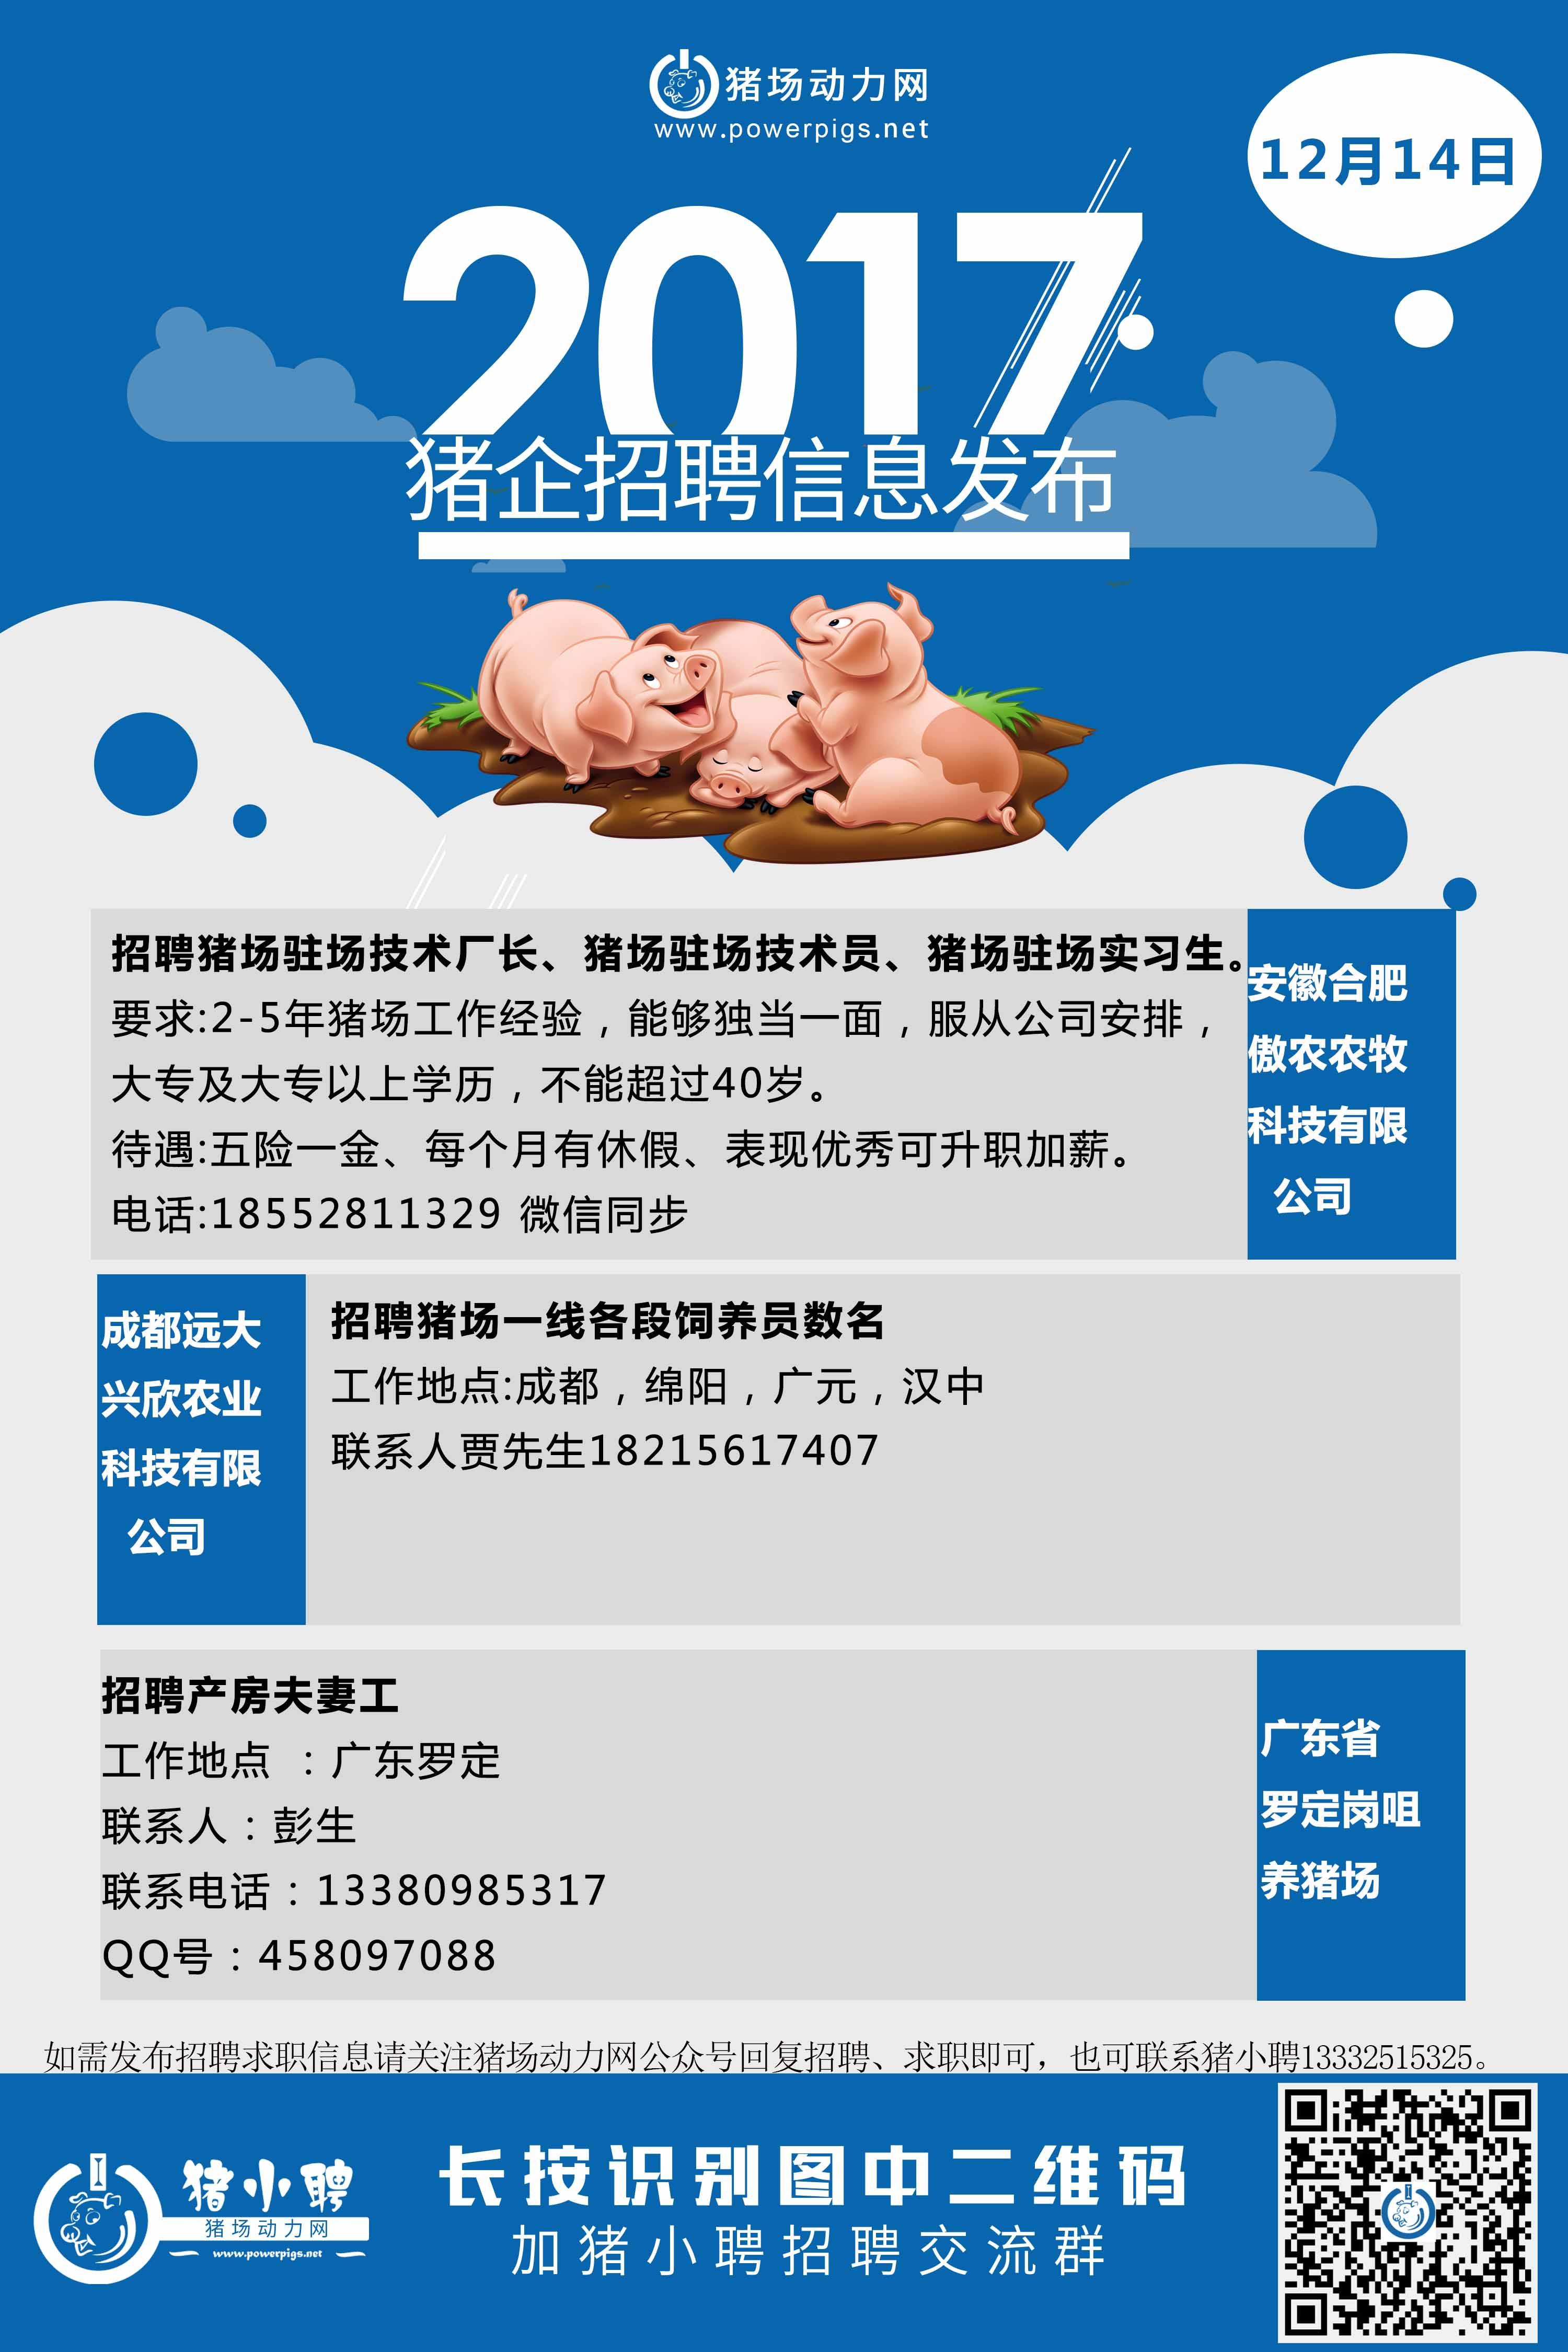 12.14日猪场招聘.jpg